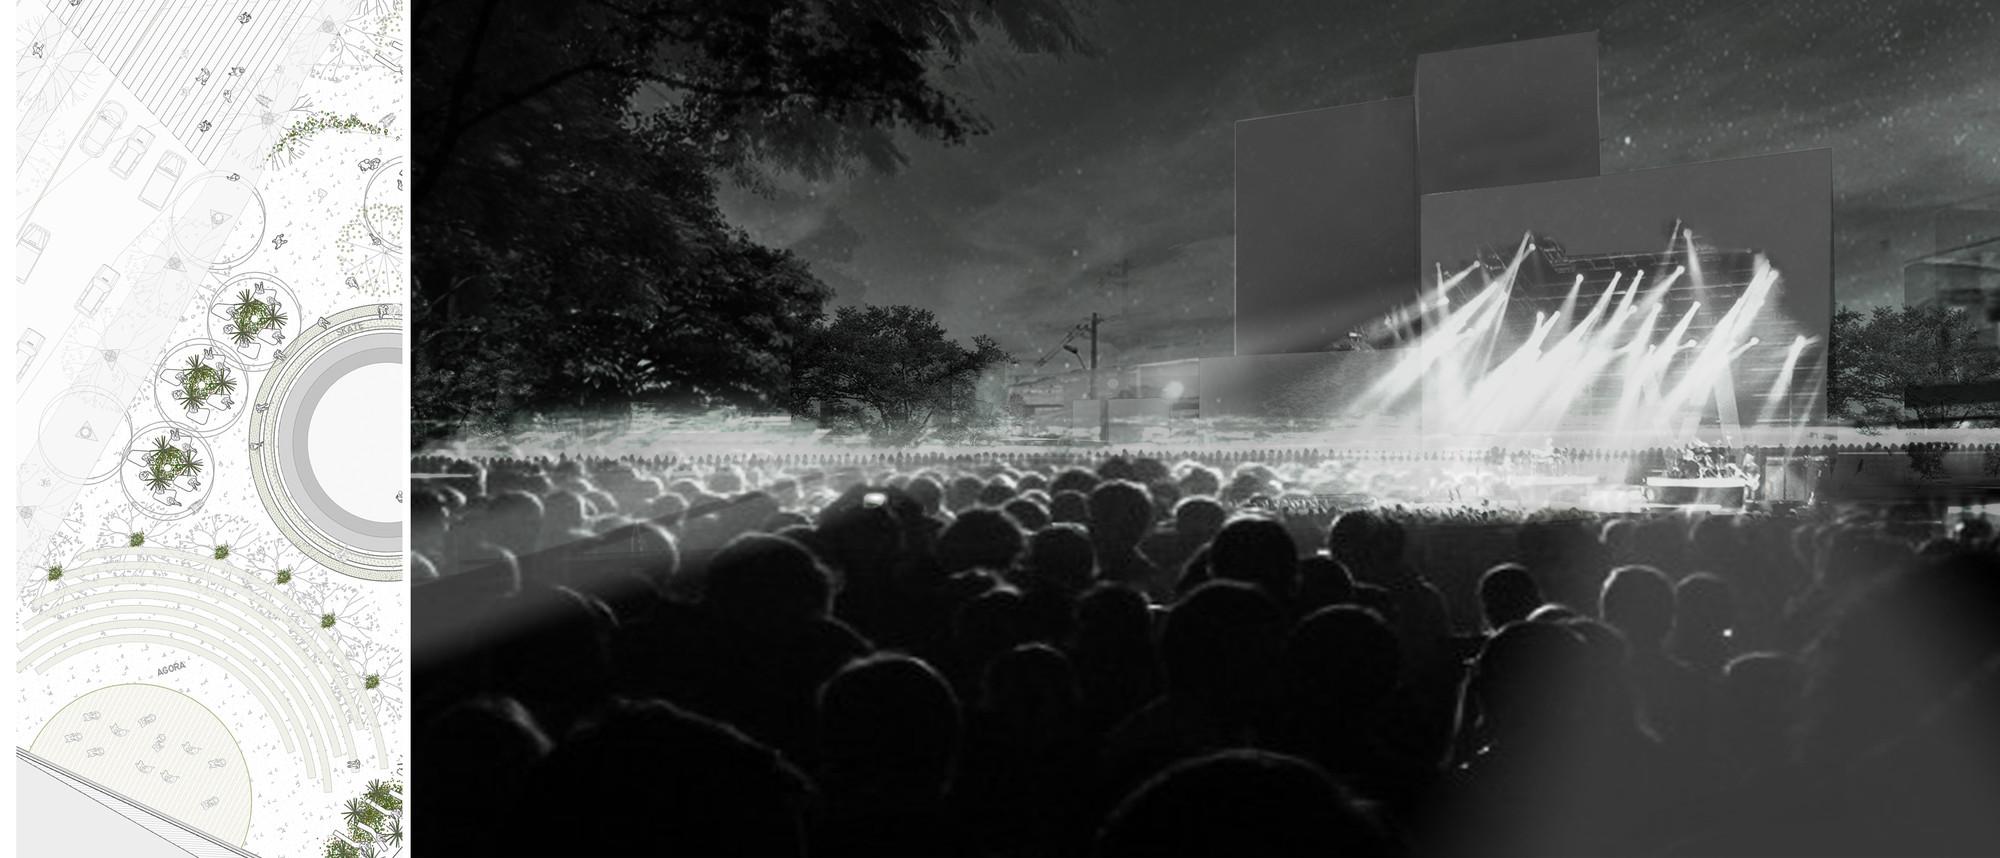 Proyecto urbano 1:500: concierto. Image Courtesy of Equipo desarrollador